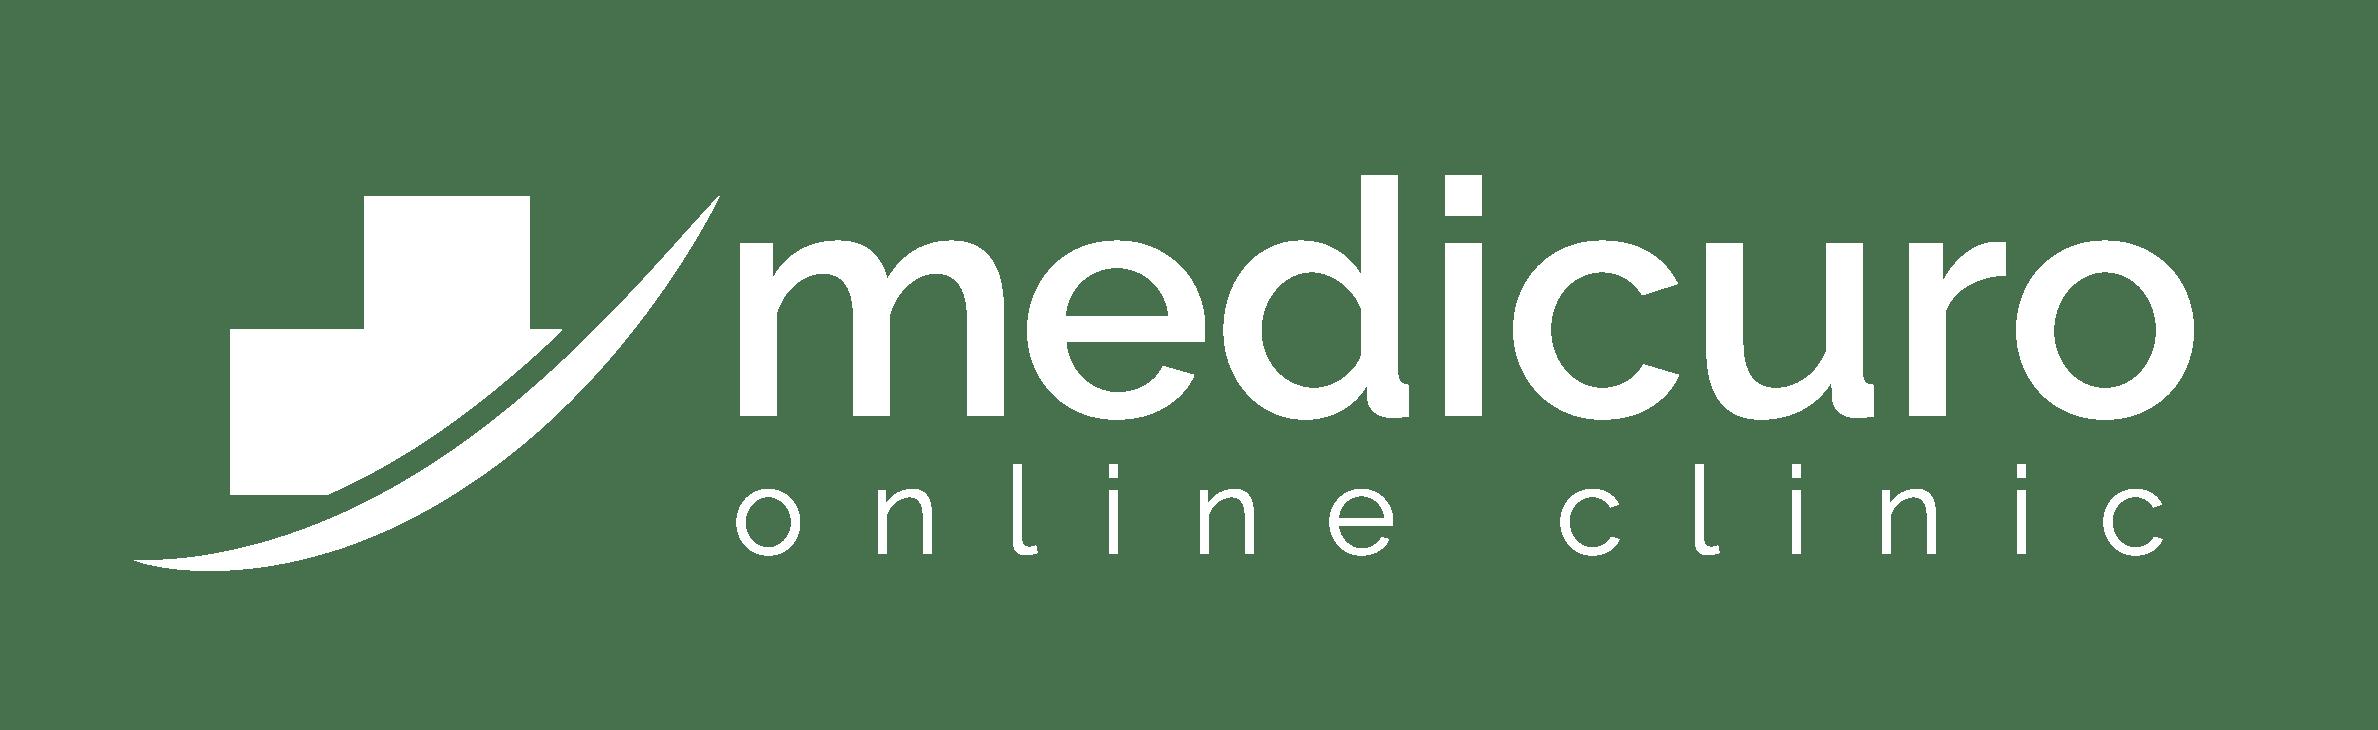 Medicuro